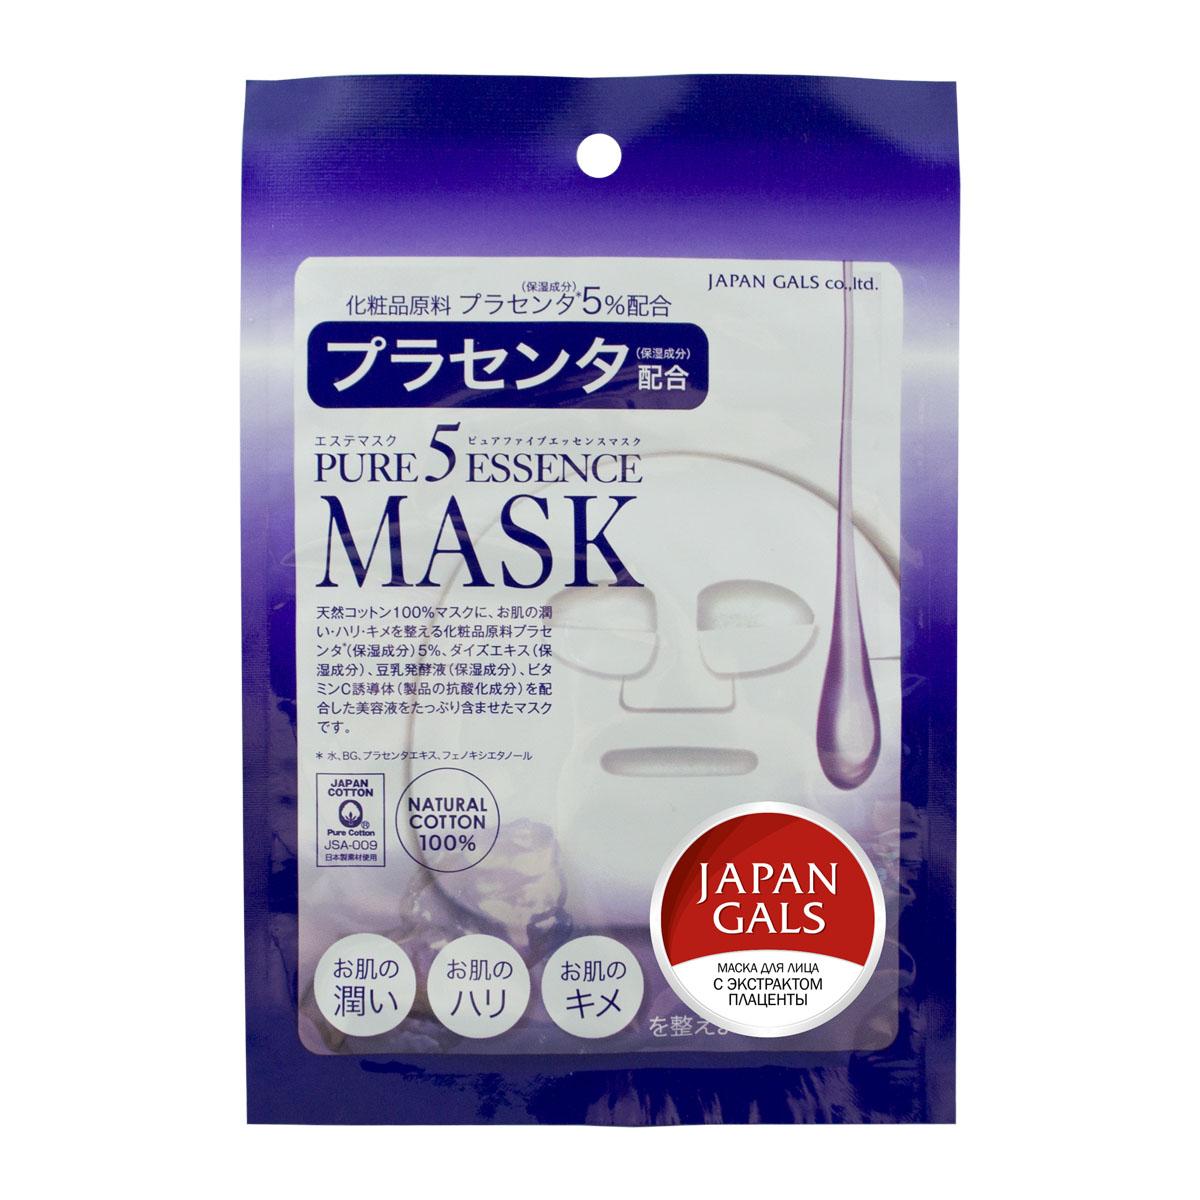 Japan Gals Маска для лица с плацентой Pure 5 Essential 1 шт12274Экстракт плаценты Экстракт плаценты - уникальный природный комплекс, содержащий белки, нуклеиновые кислоты, полисахариды, липиды, ферменты, аминокислоты, ненасыщенные жирные кислоты, витамины и микроэлементы. Благодаря экстракту плаценты стимулируется периферический кровоток. Это позволяет улучшить кровоснабжение кожи, из нее выводятся токсины, активизируется клеточное дыхание, улучшается метаболизм. Экстракт плаценты позволяет поднять меланин из глубоких слоев на поверхность кожи, откуда он удаляется при отшелушивании вместе с кератином. Выжимка из плаценты снимает воспаление, полученное от длительного воздействия солнечных лучей. Особый крой маски обеспечивает эффект 3D-прилегания, а большая площадь ткани гарантирует полное покрытие. Также у маски имеются специальные кармашки для проработки зоны в области глаз. Эффект: улучшение цвета лица, регенерация кожи, нормализация жирового баланса, замедление старения кожи, против воспалительных процессов. Способ применения: после умывания...